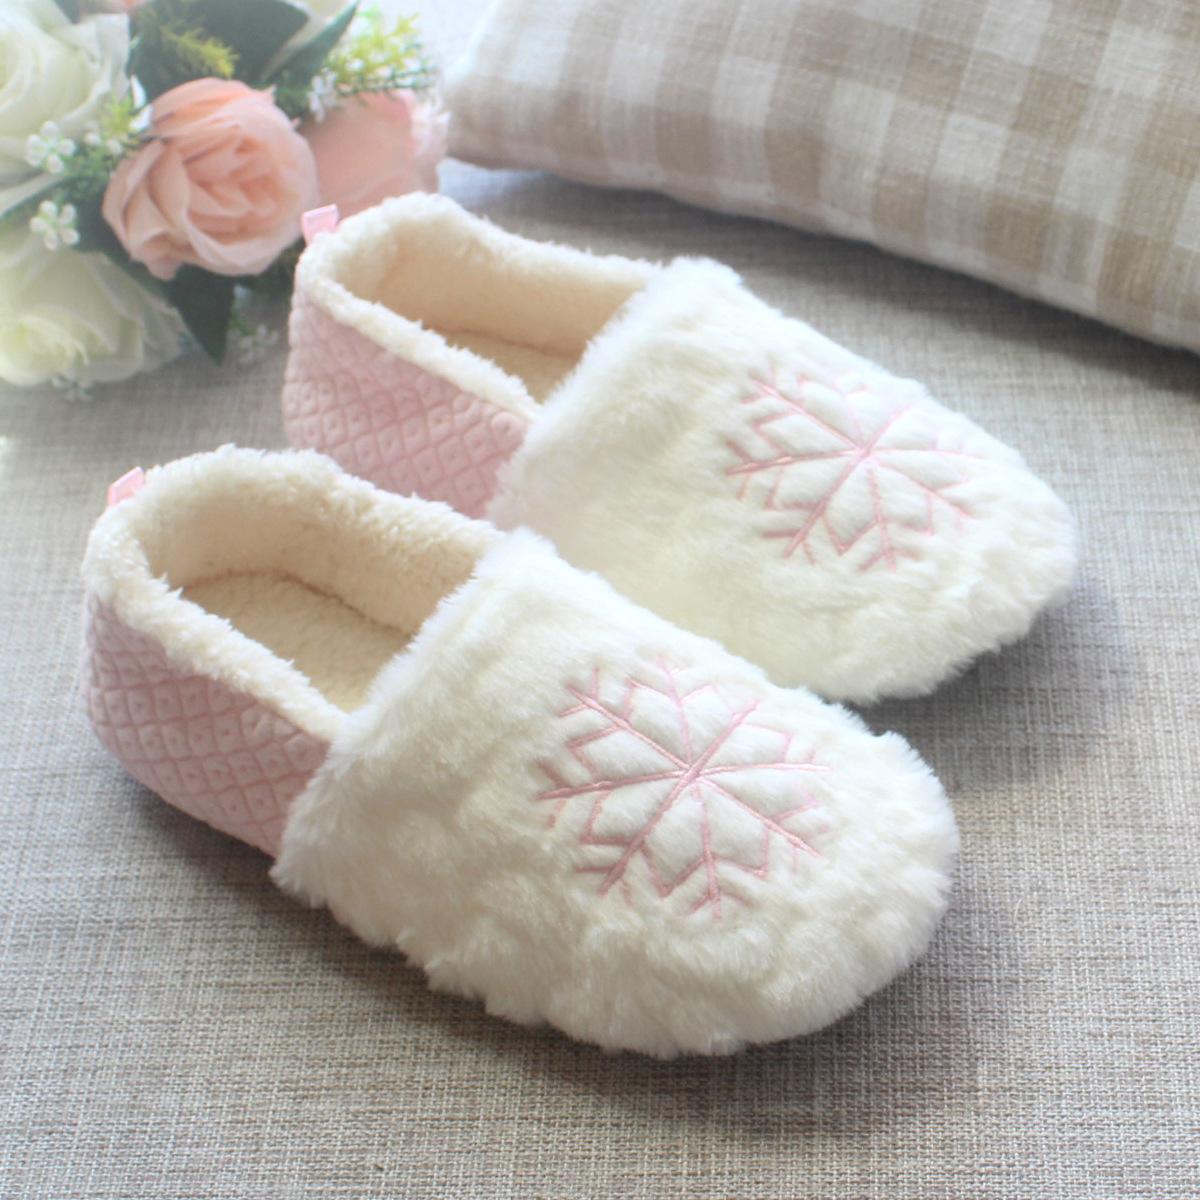 月子鞋秋冬女包跟室内棉拖鞋产后厚底产妇软底春秋季孕妇拖鞋鞋子